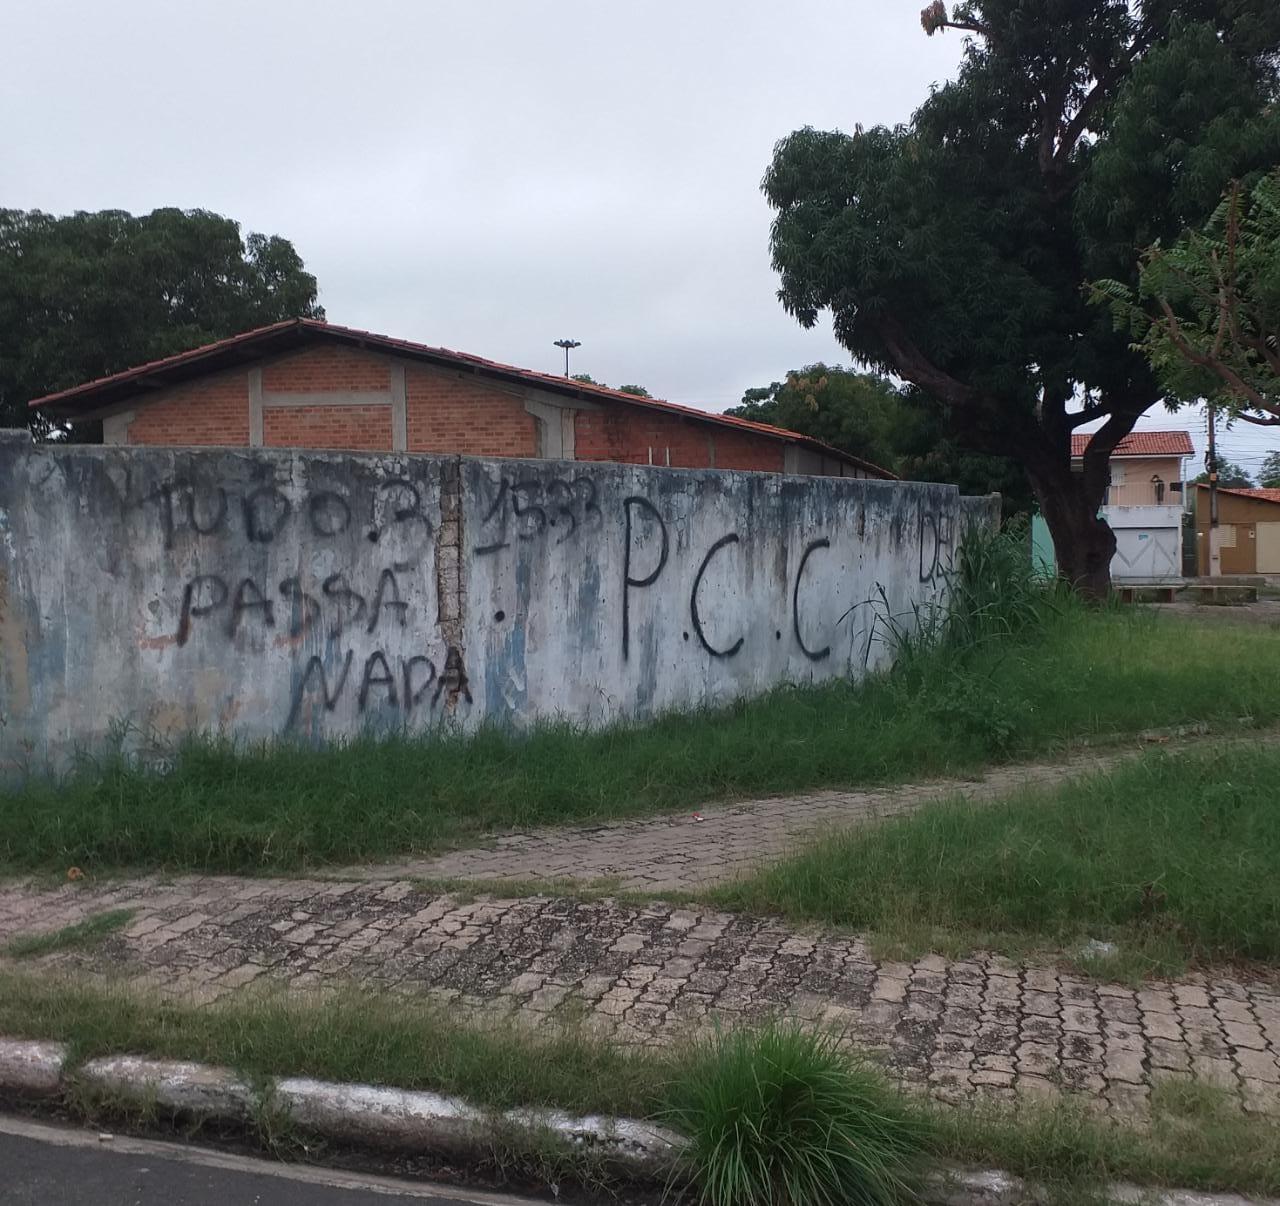 Operação prende acusados de homicídio ligados a facções criminosas em Teresina - Imagem 2